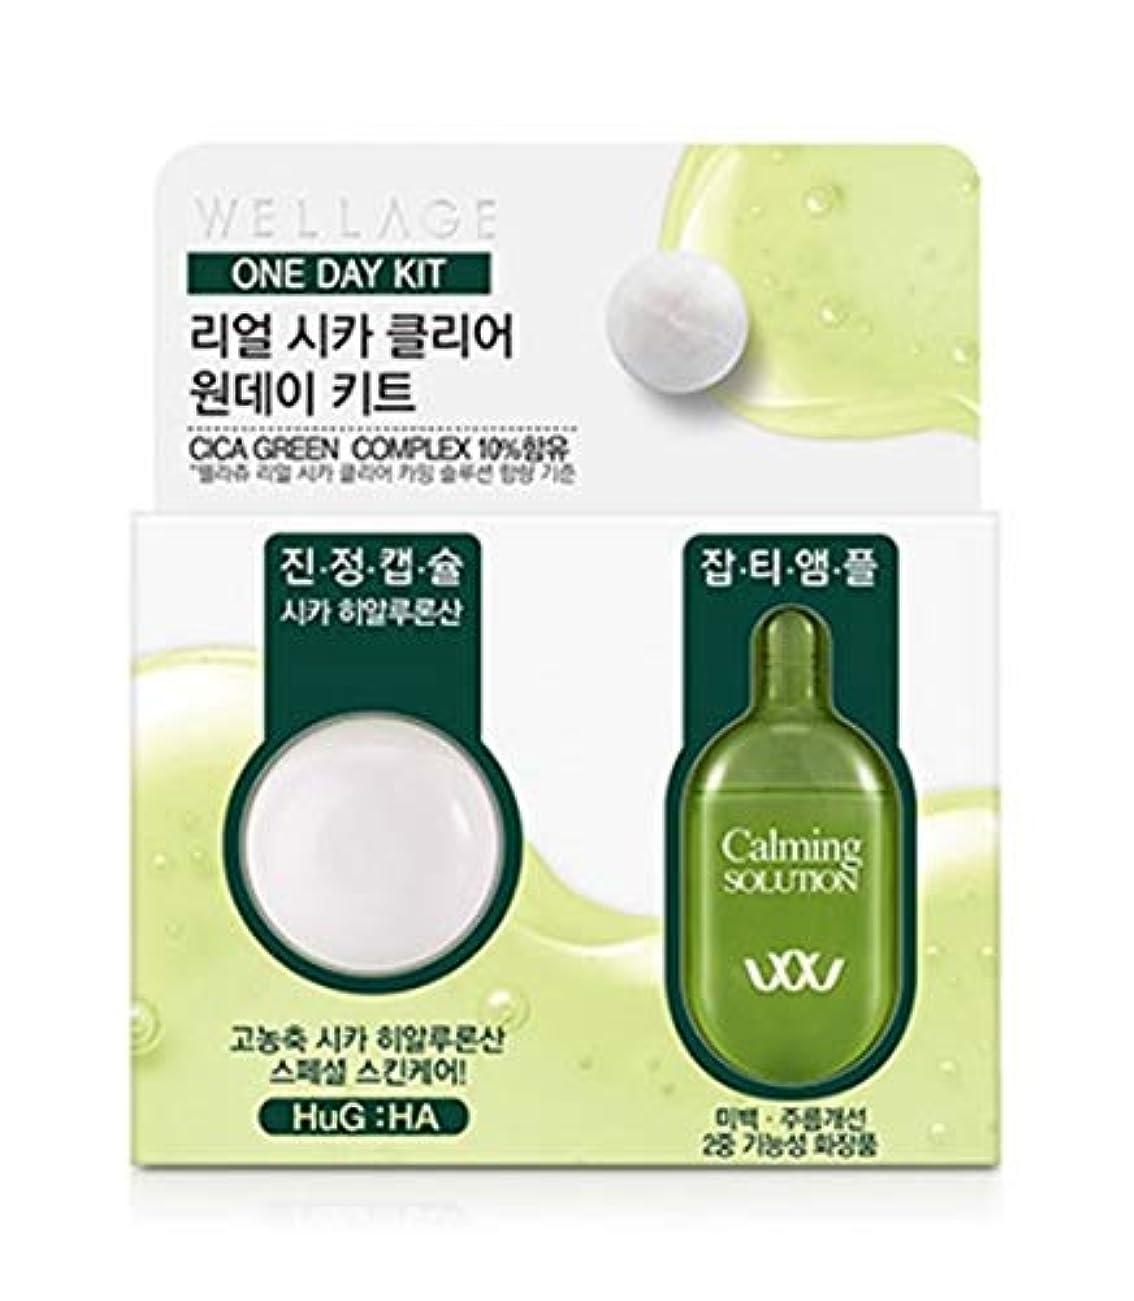 クロールフラグラントポルノWellageウェレッジリアル1日キットCICAクリアアンプルカプセル 韓国の人気化粧品ブランドの基礎化粧アンプル、カプセル、女性の肌鎮静スキンケア